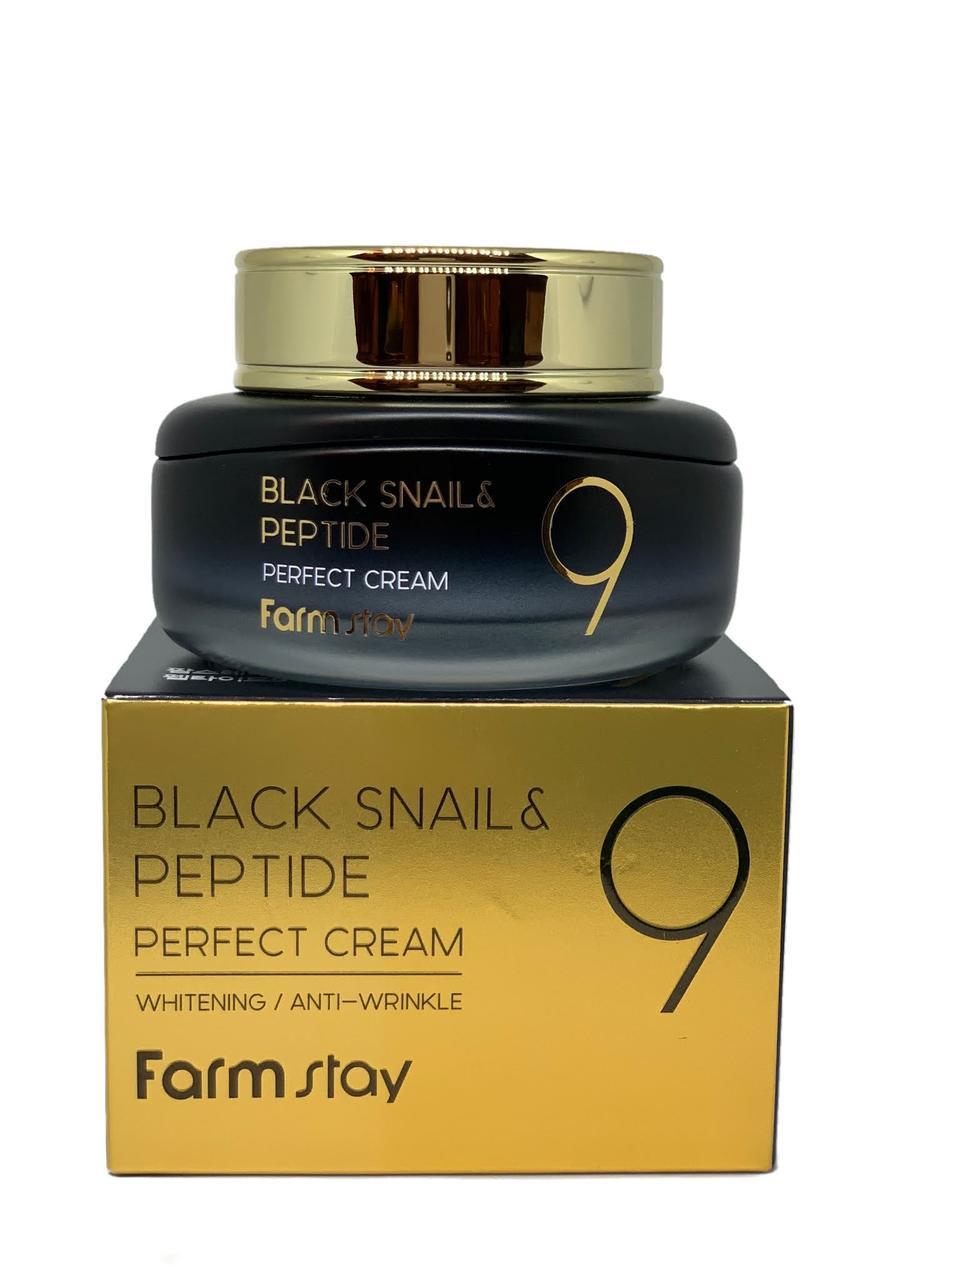 Омолоджуючий крем з муцином чорного равлика і пептидами FARMSTAY Black Snail & Peptide 9 Perfect cream